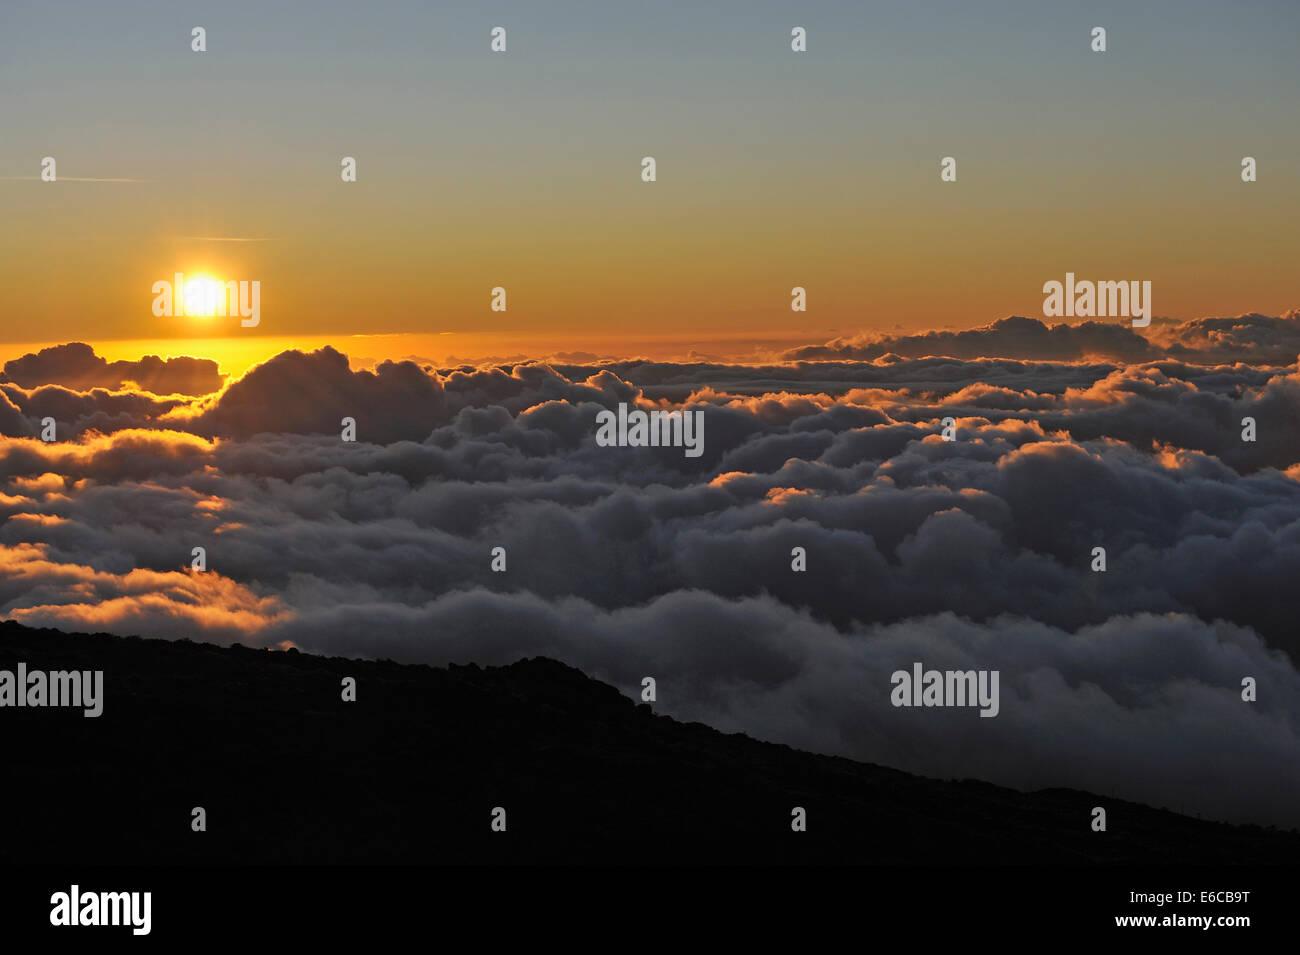 Sonnenuntergang über Wolken - Wolkengebilde am Sonnenuntergang, Insel Maui, Hawaii Inseln, USA Stockbild